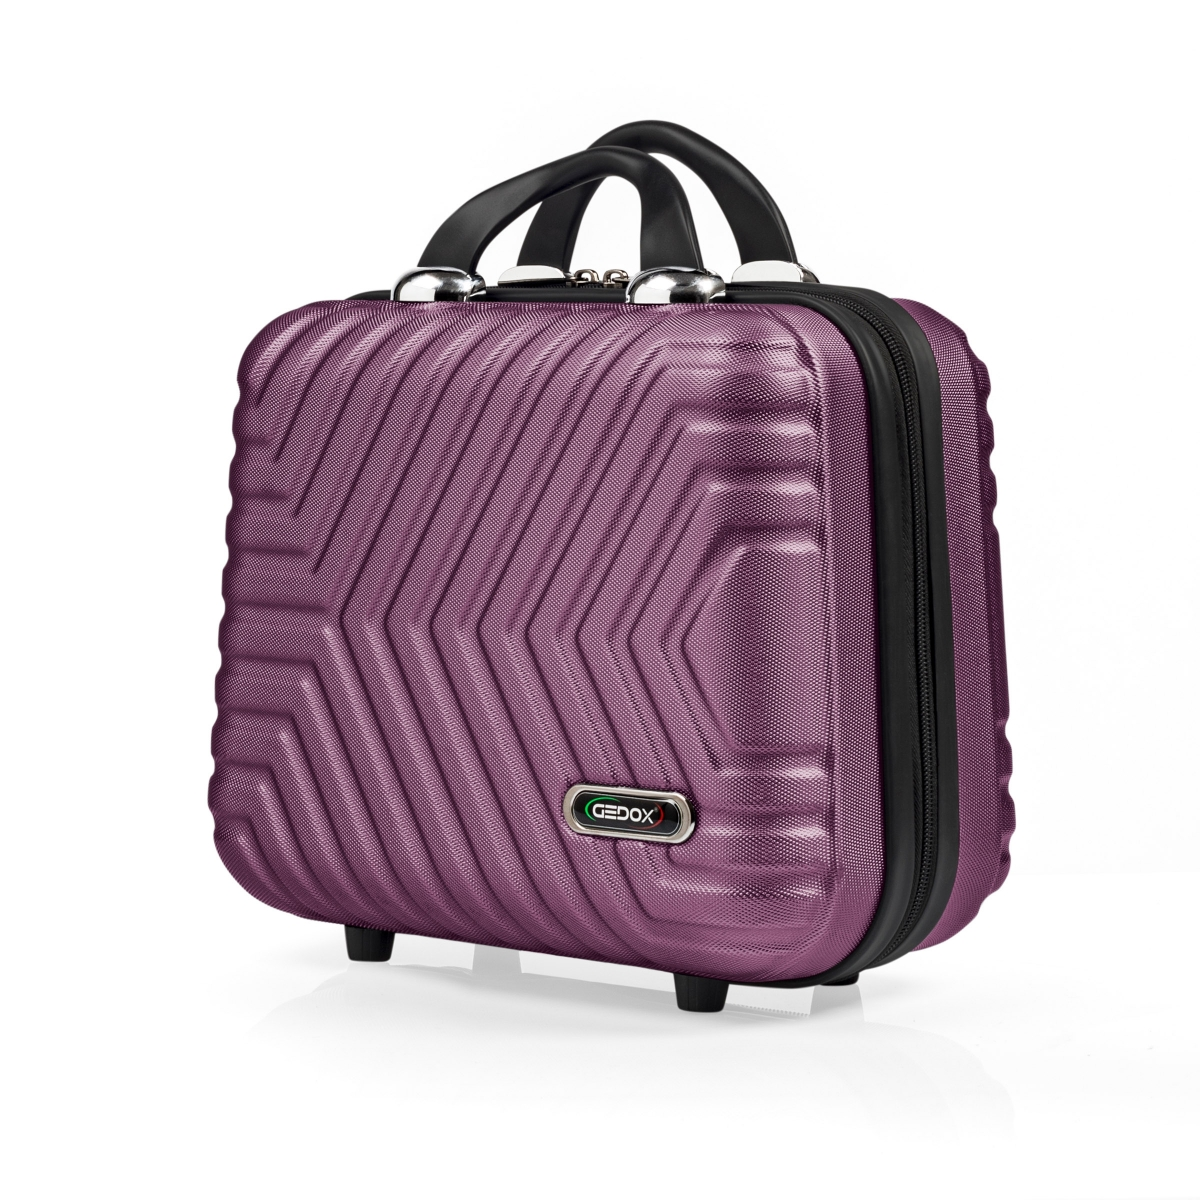 G&D Polo Suitcase Abs Makyaj&Hostes El Çantası Model:615.09 Mürdüm